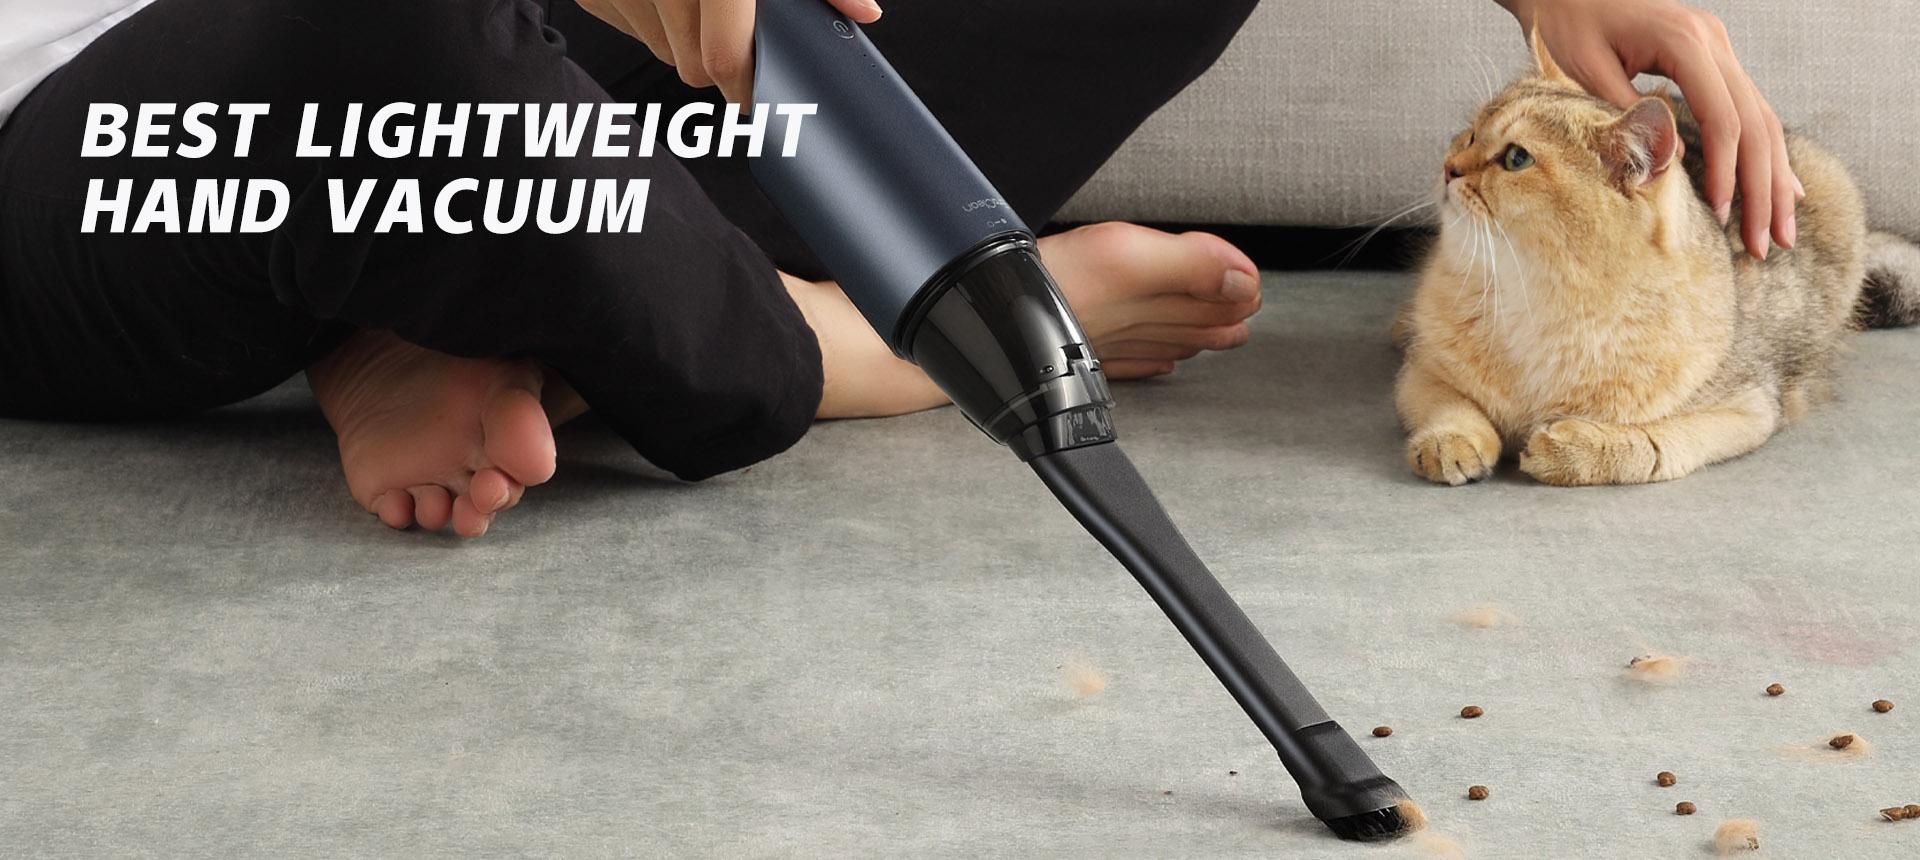 Best Lightweight Hand Vacuum